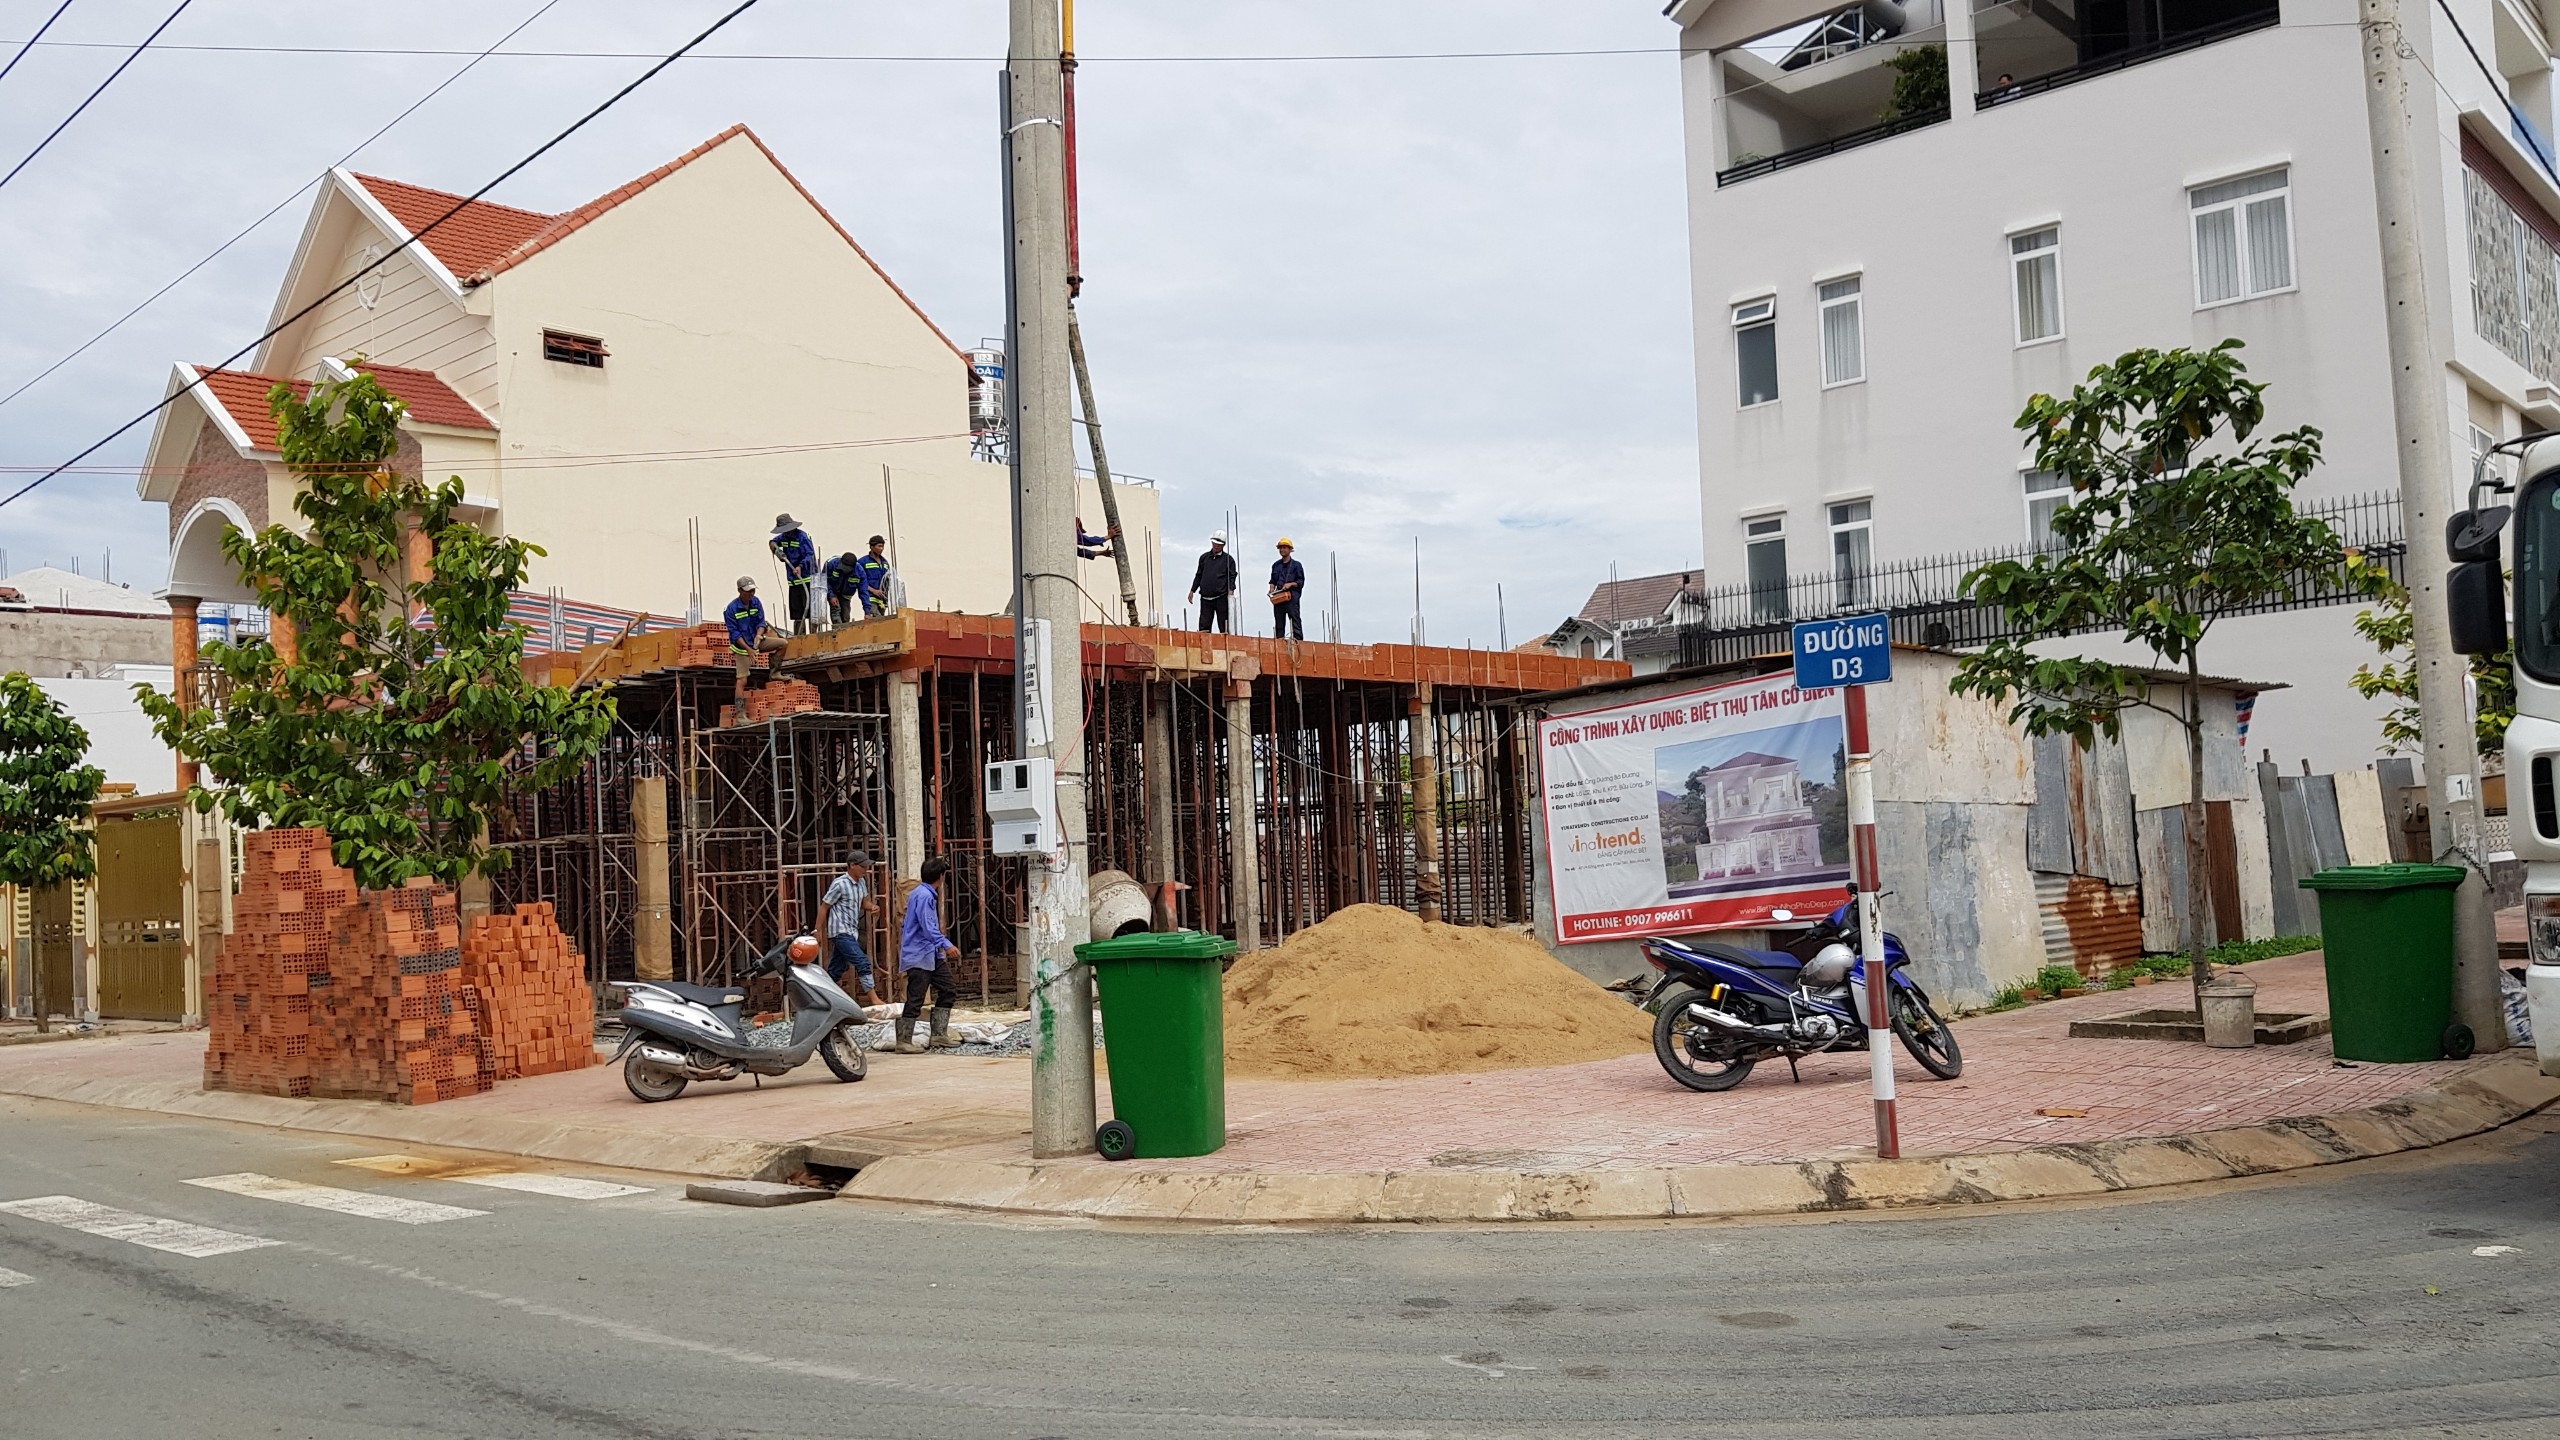 thi cong biet thu 2 tang o bien hoa buu long 2018 1 Hơn 12 mẫu nhà biệt thự 1 2 3 4 tầng ở Biên Hòa dự kiến hoàn thiện năm 2019